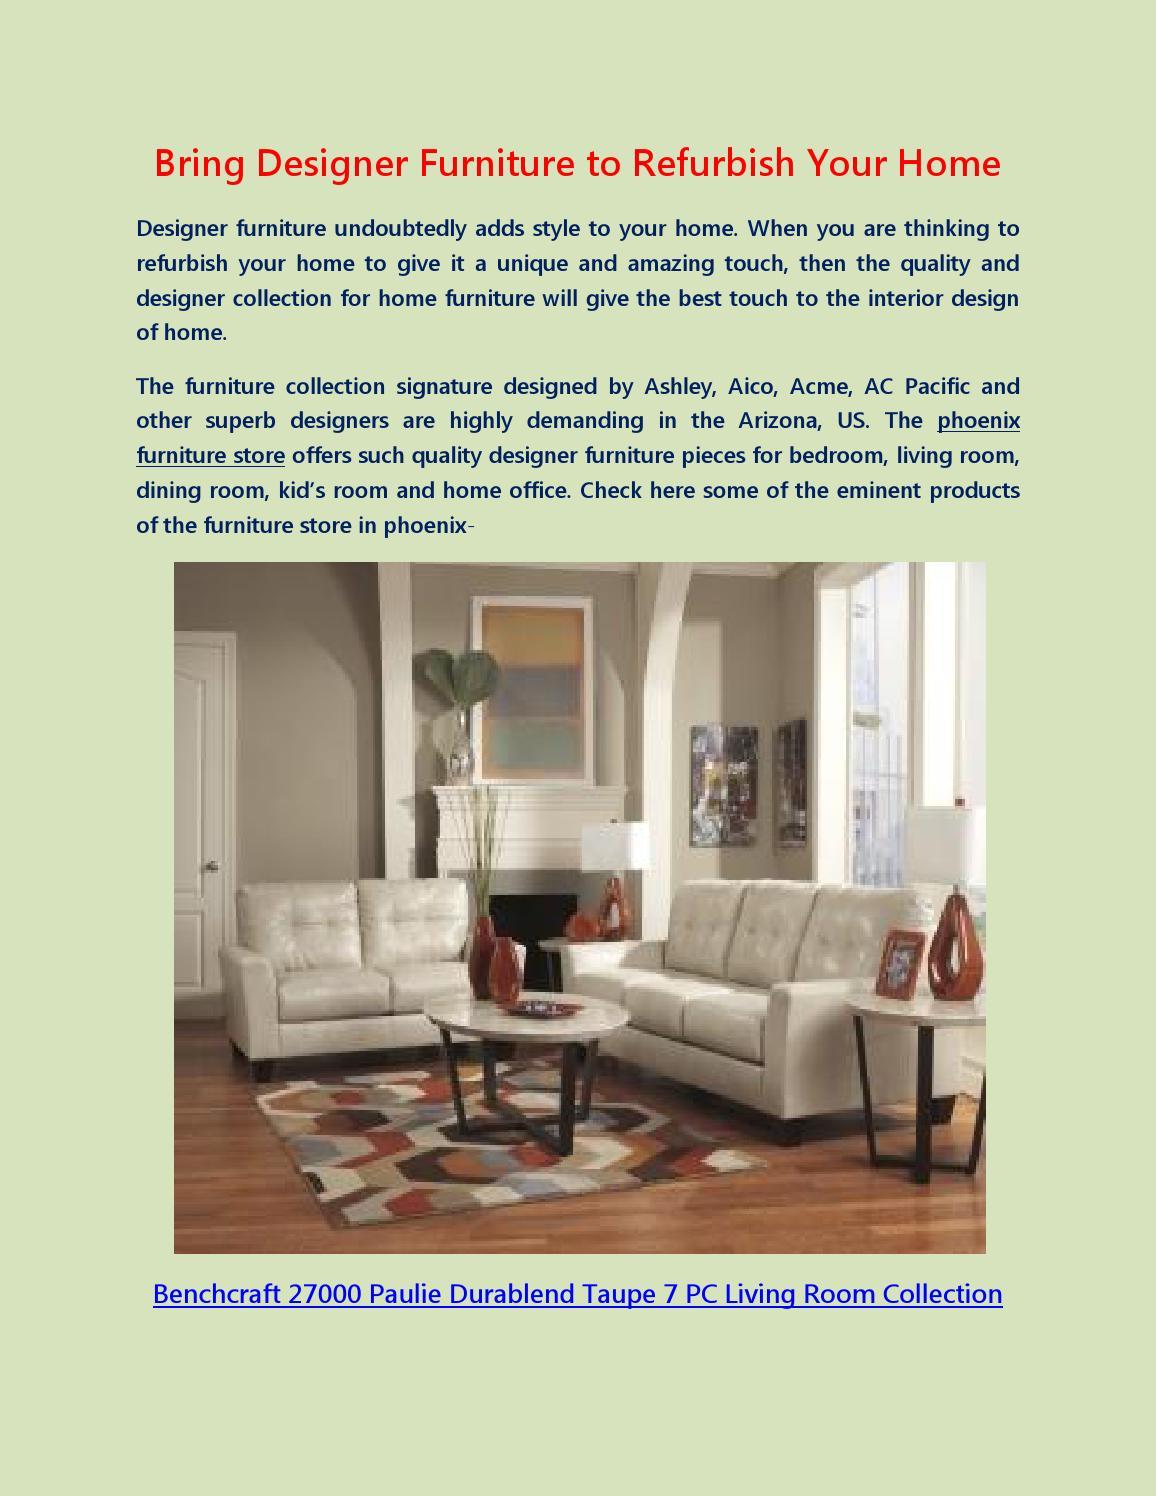 Bring Designer Furniture To Refurbish